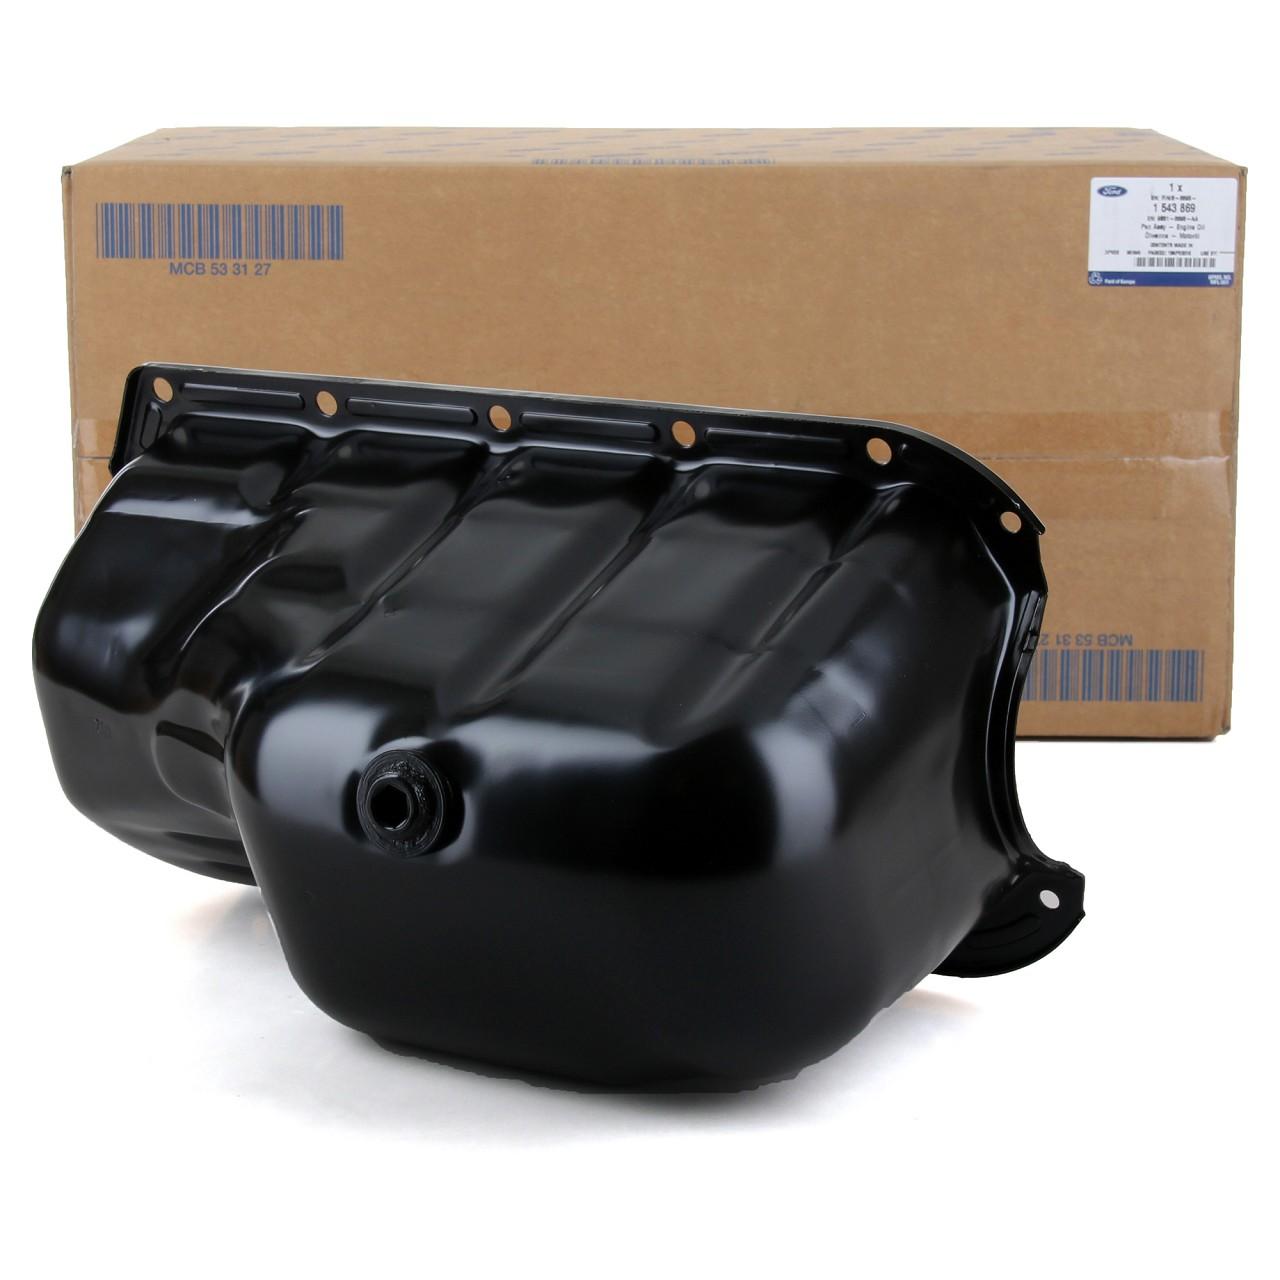 ORIGINAL Ford Ölwanne Motorölwanne KA (RU8) 1.2 69 PS ab 10.2008 1543869